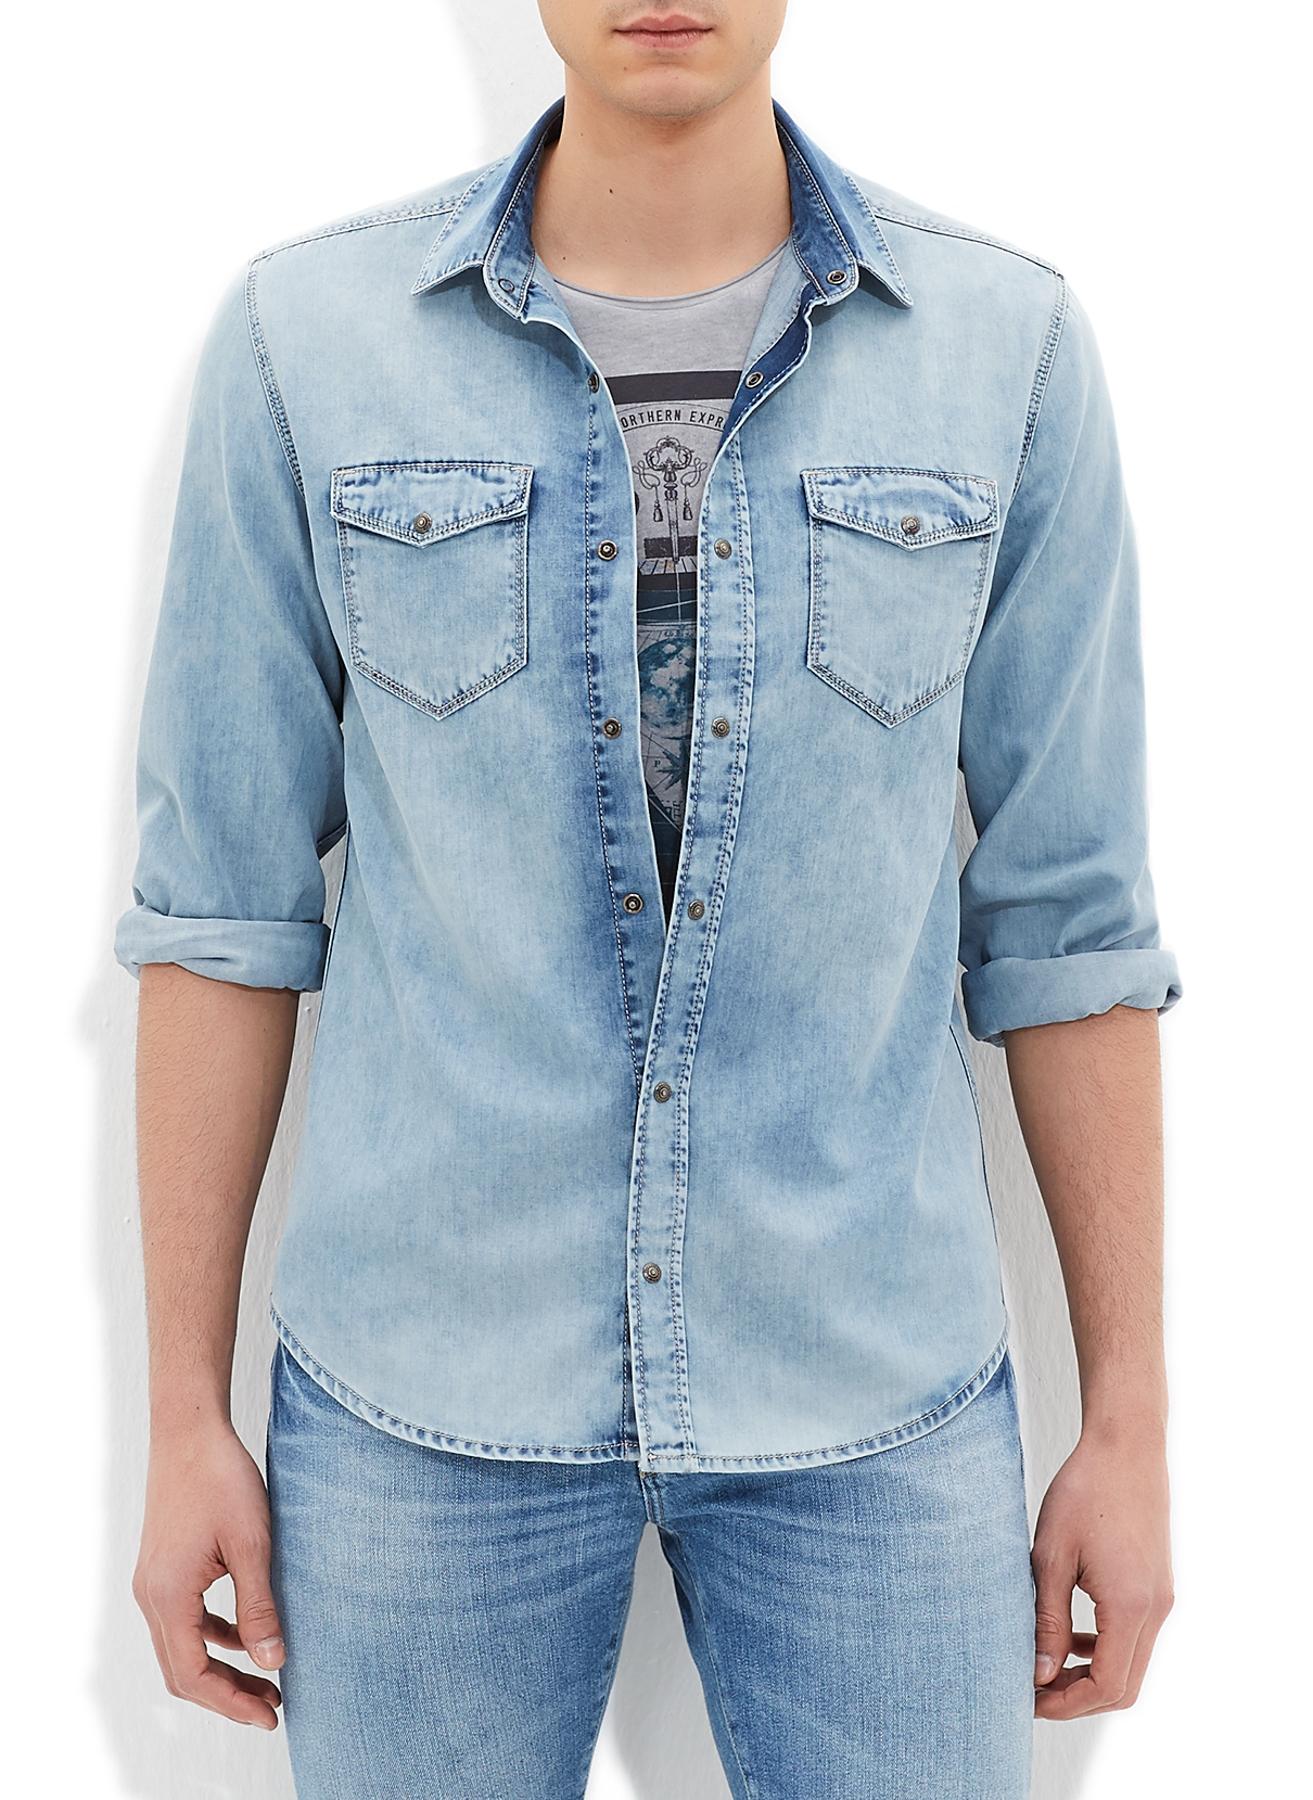 Mavi Çift Cepli Rio Gömlek XL 5000163051005 Ürün Resmi